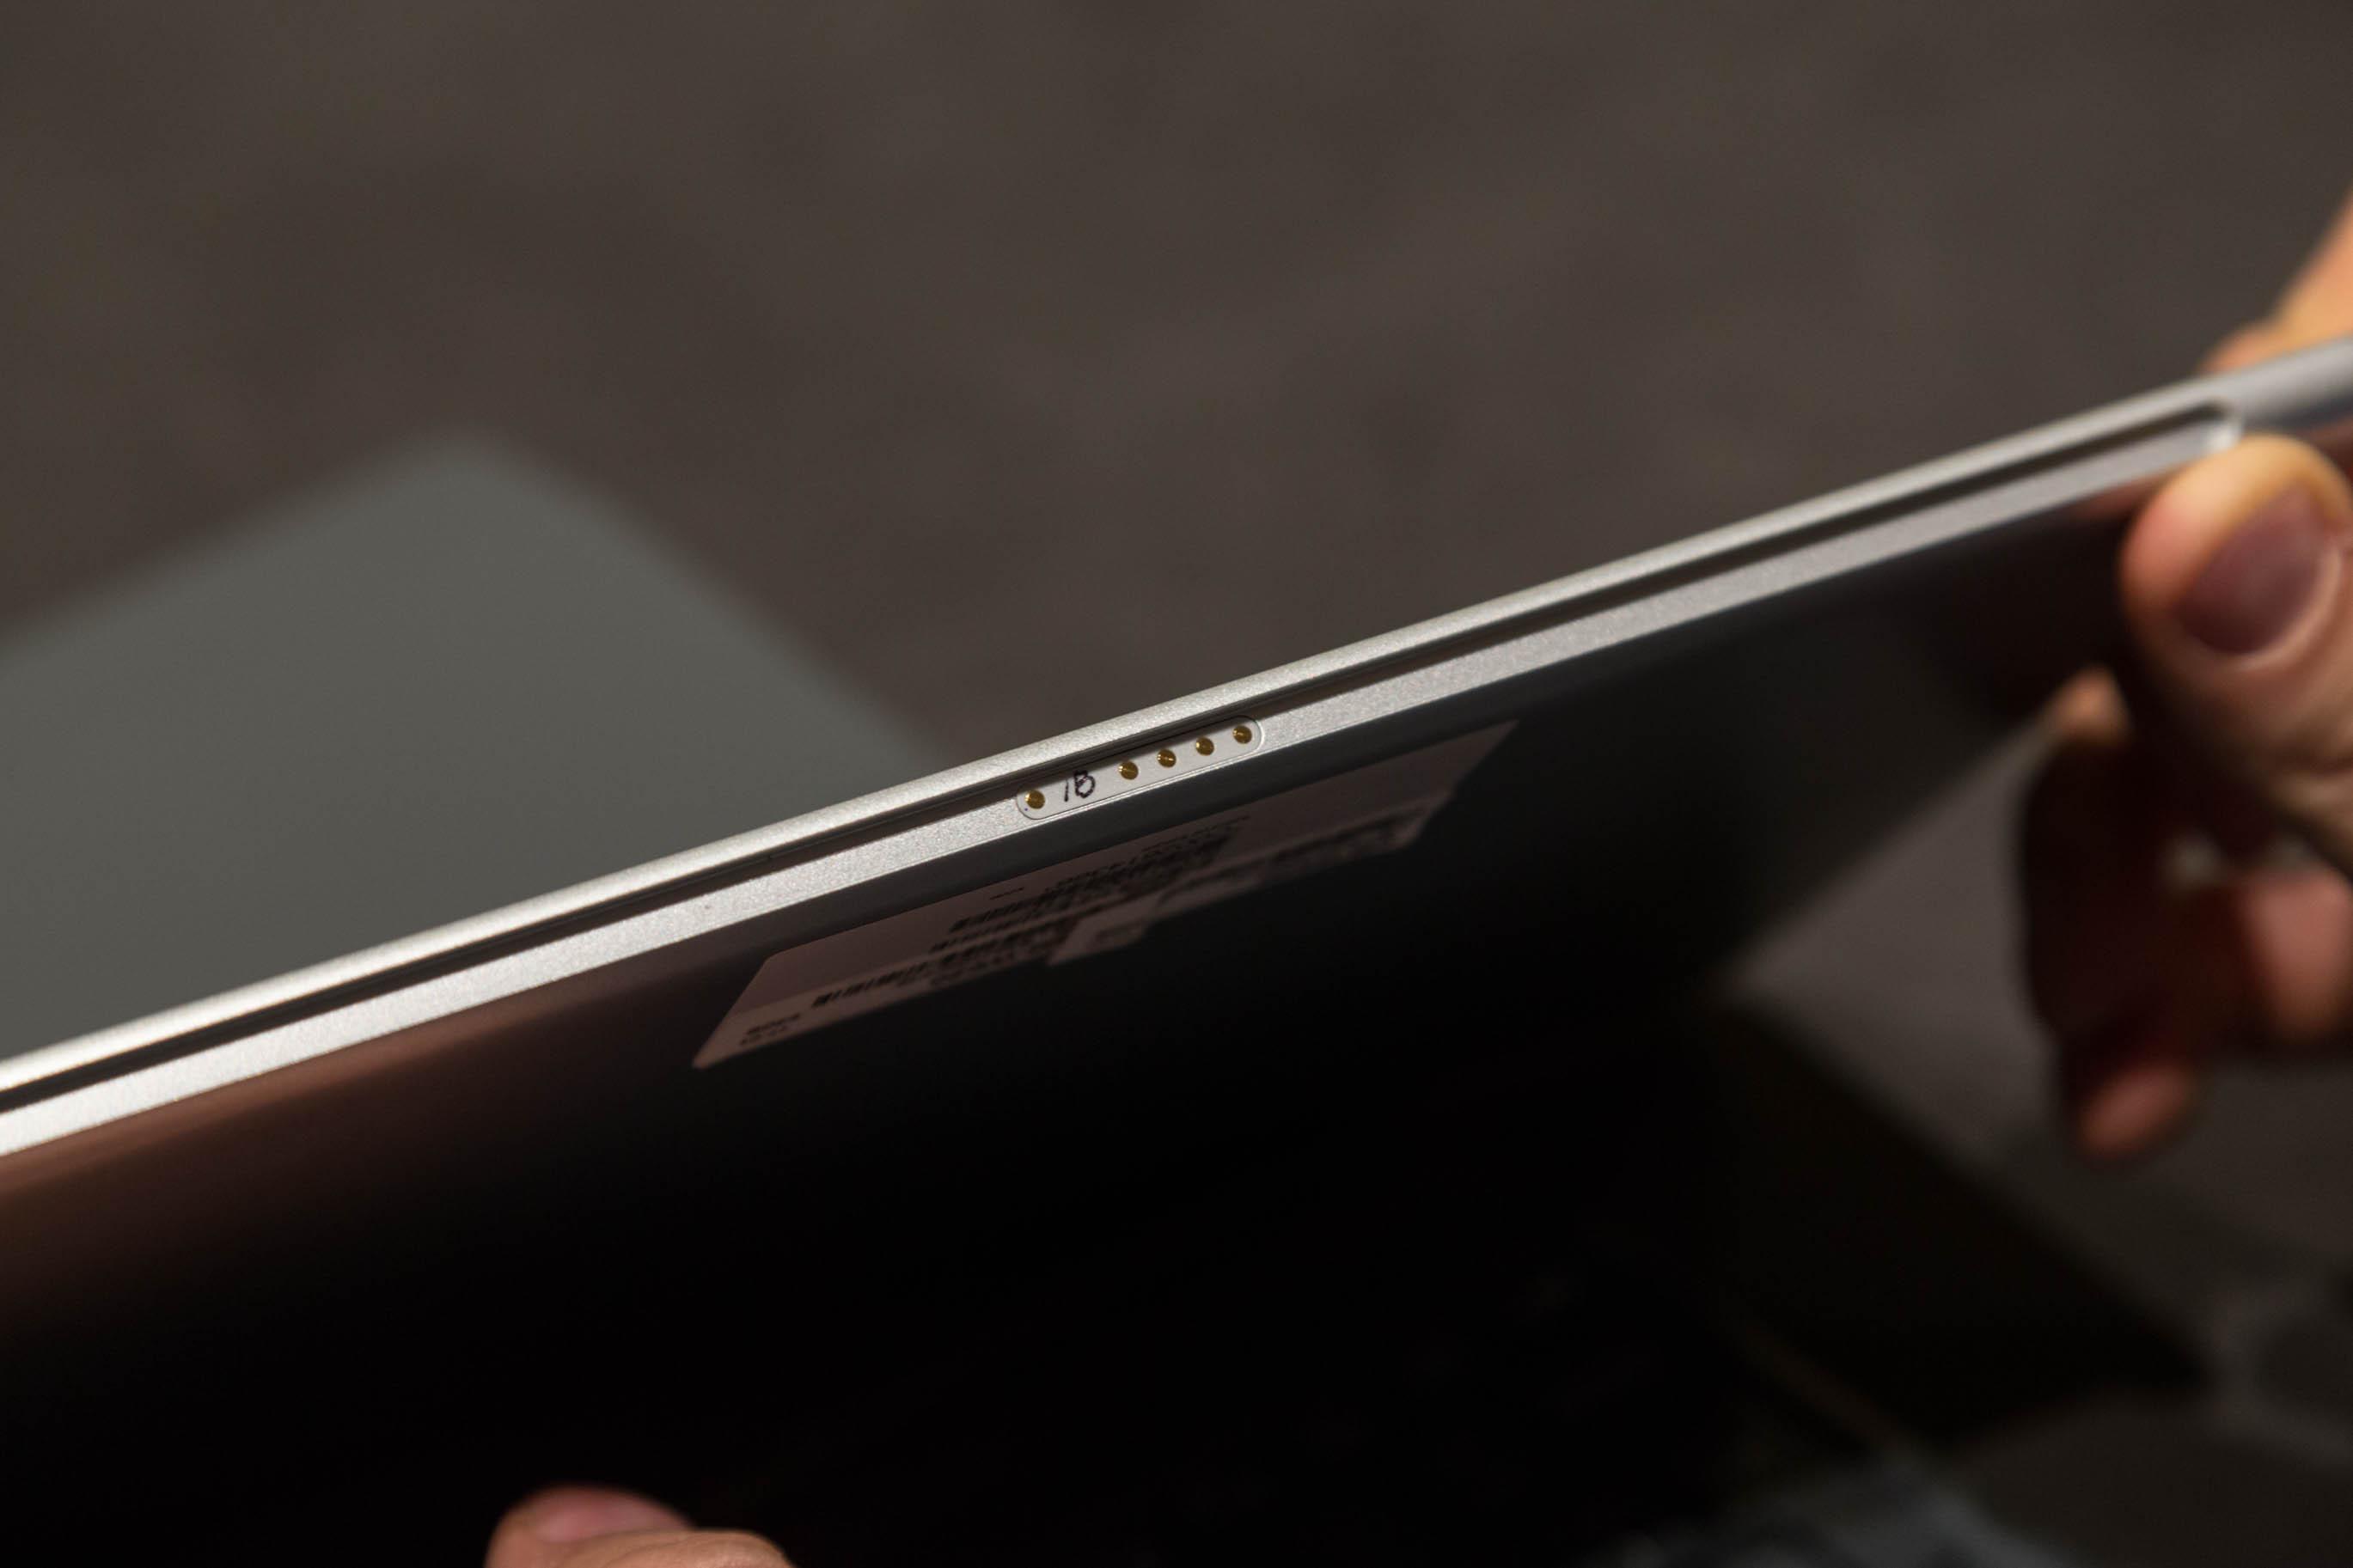 Galaxy Book im Hands on: Samsung bringt neuen 2-in-1-Computer - Die Pogo-Pins an der Unterseite des Tablets (Bild: Martin Wolf/Golem.de)